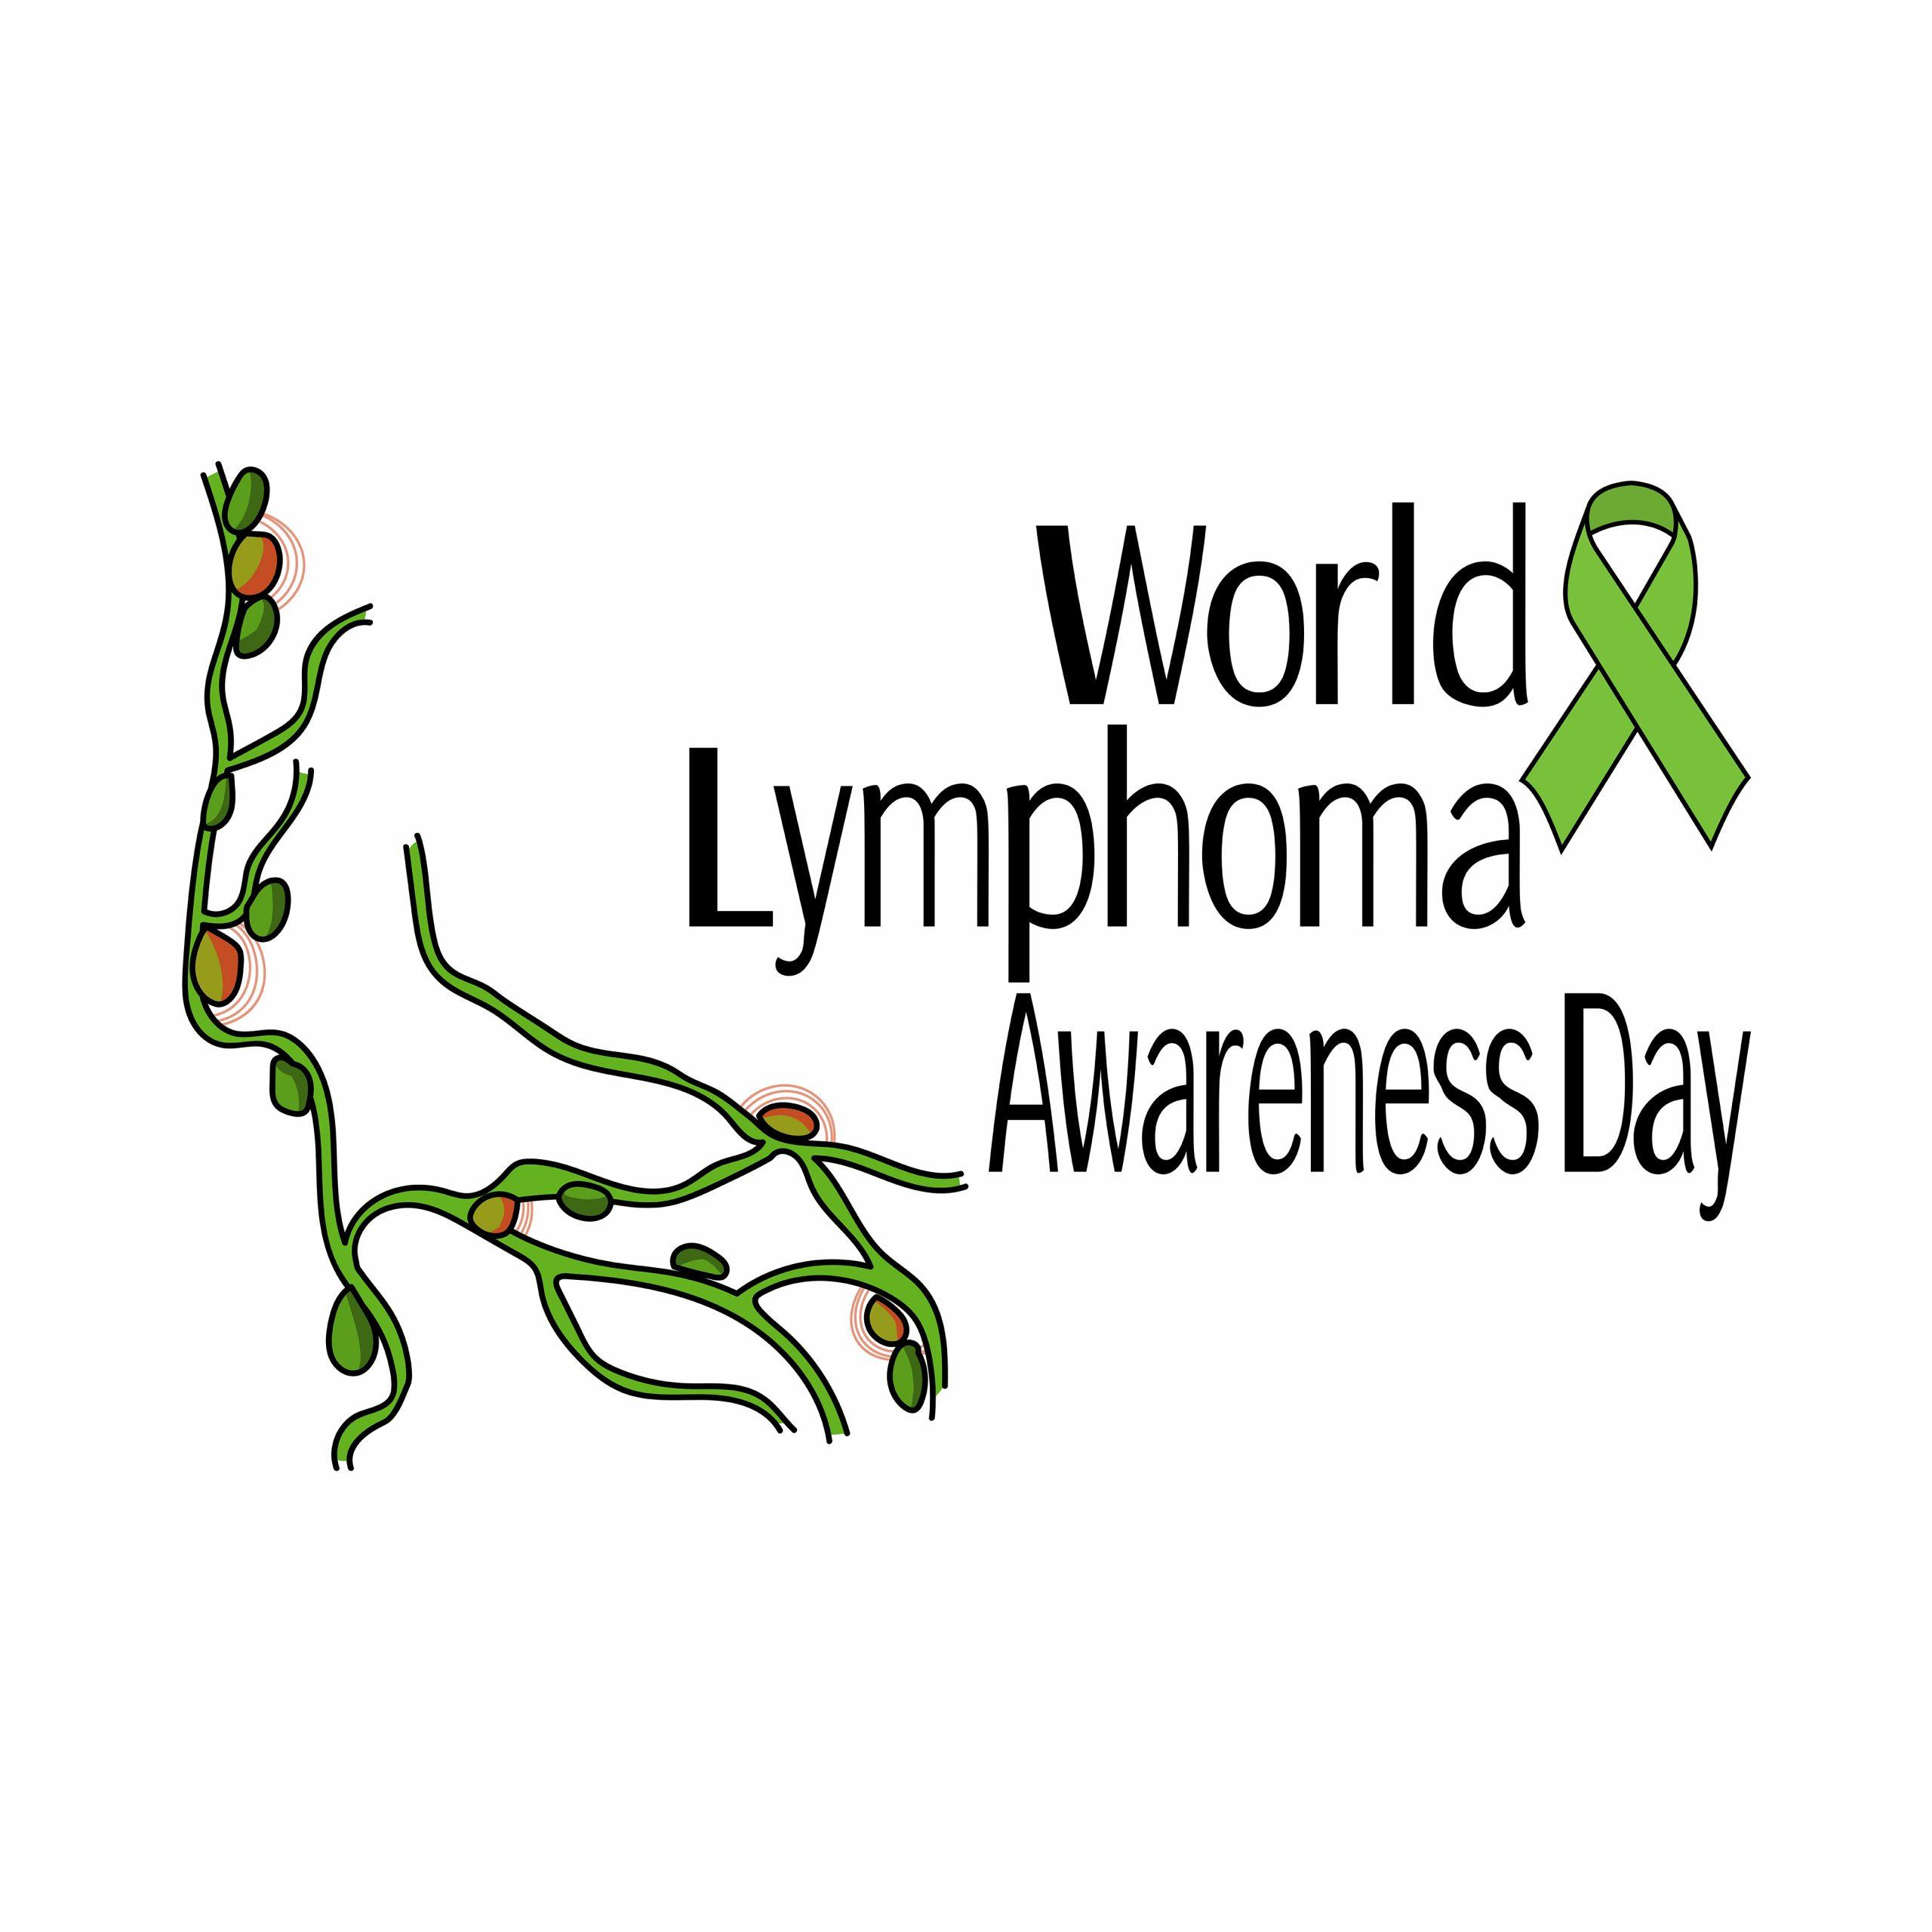 Lymphoma Awareness Day